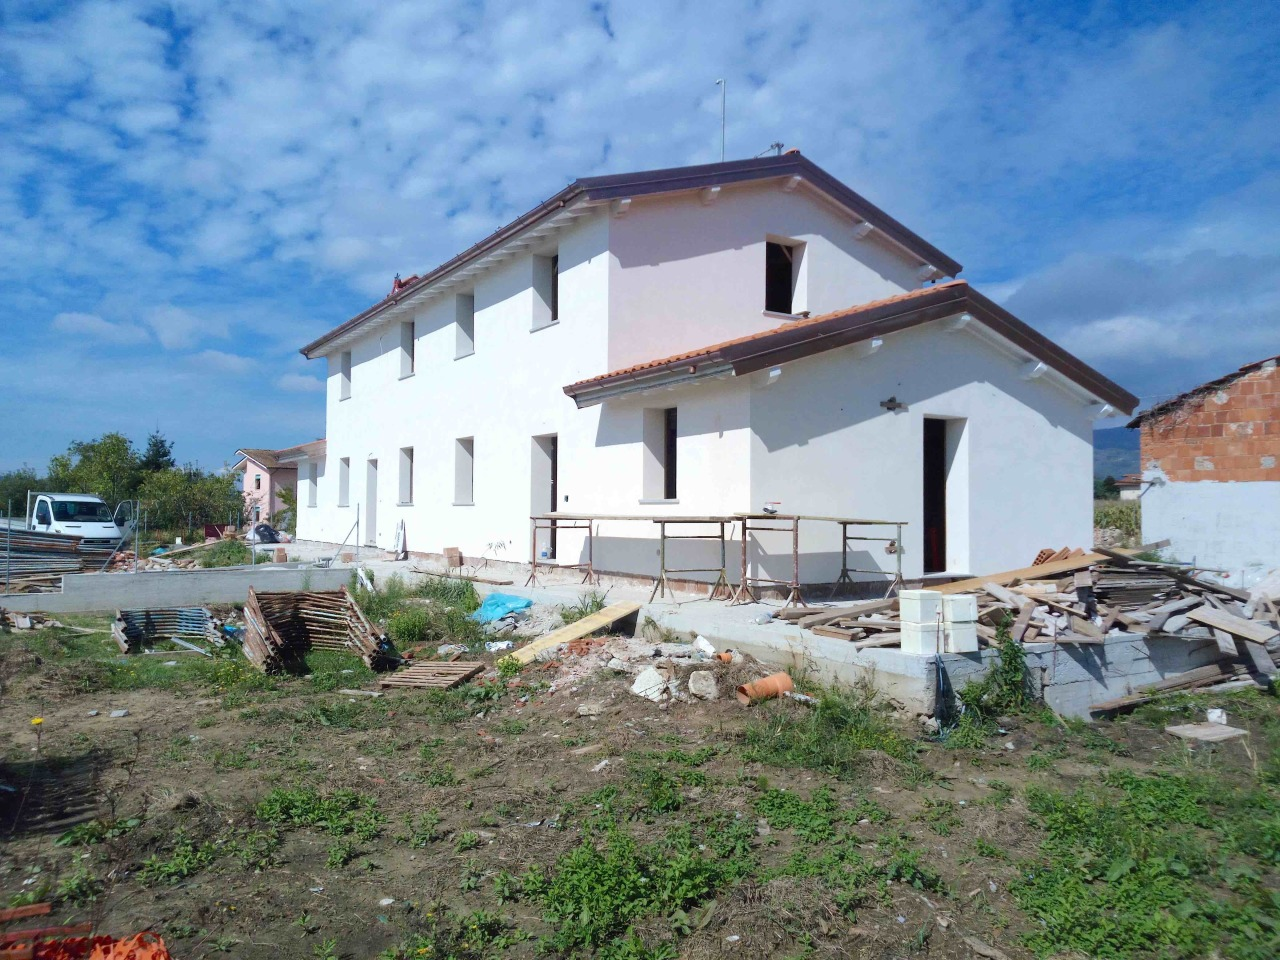 Soluzione Indipendente in vendita a Uzzano, 5 locali, prezzo € 240.000 | Cambio Casa.it